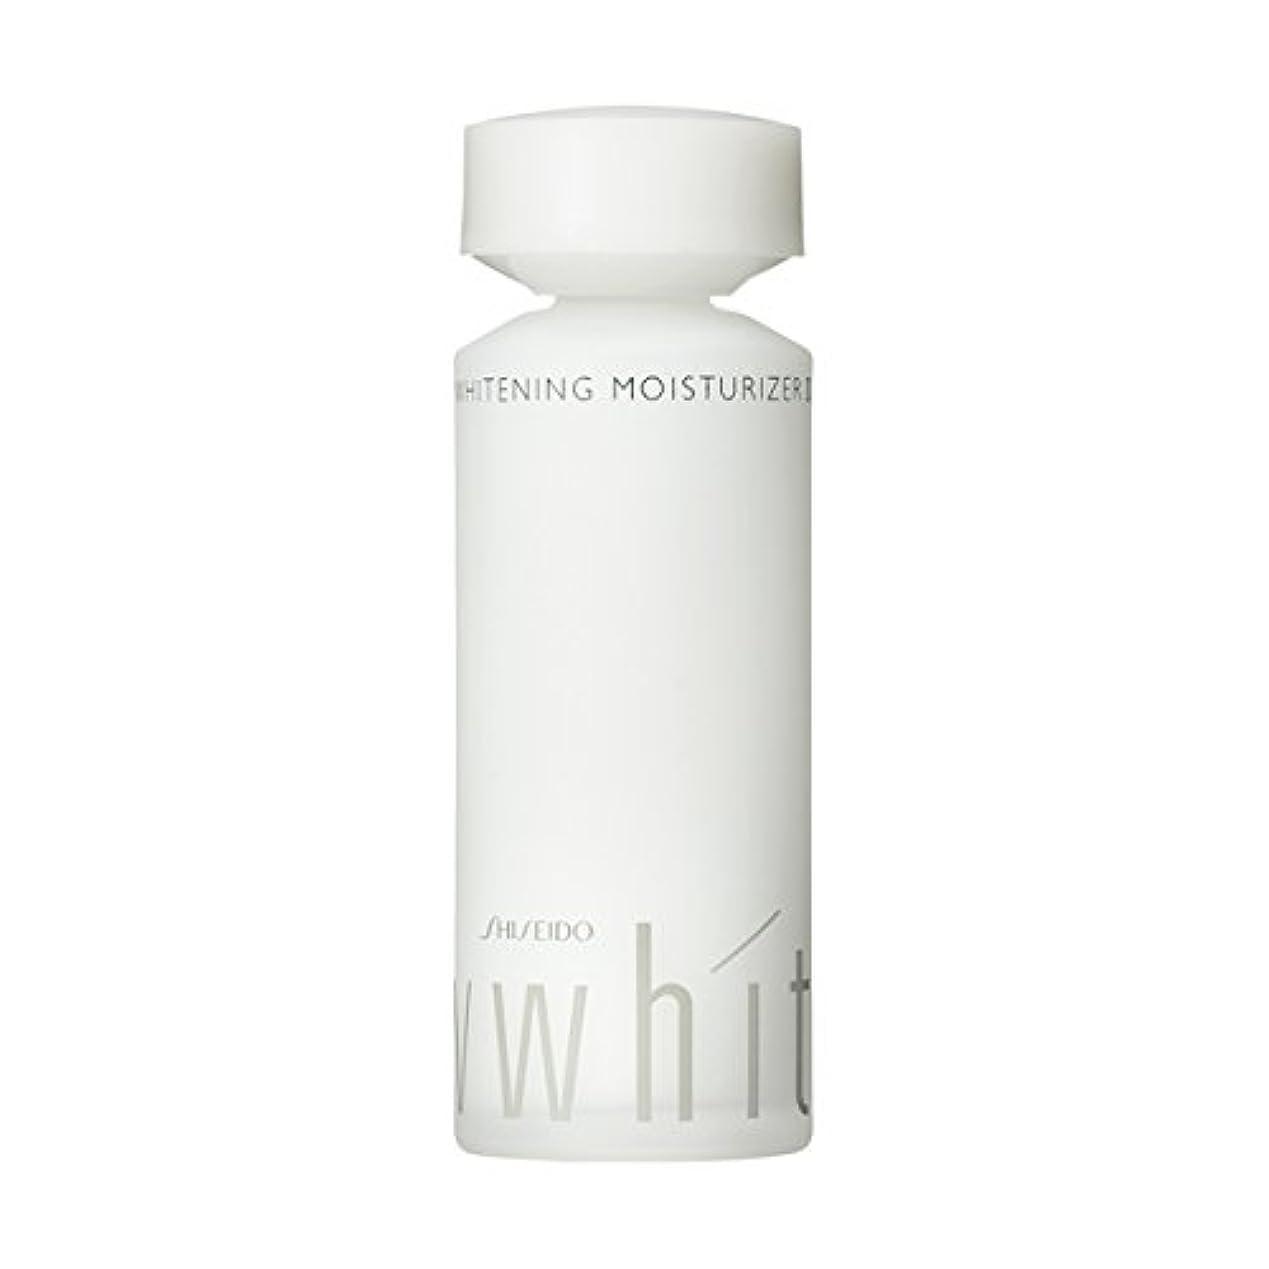 見捨てる面積サンダーUVホワイト ホワイトニング モイスチャーライザー 2 100mL 【医薬部外品】